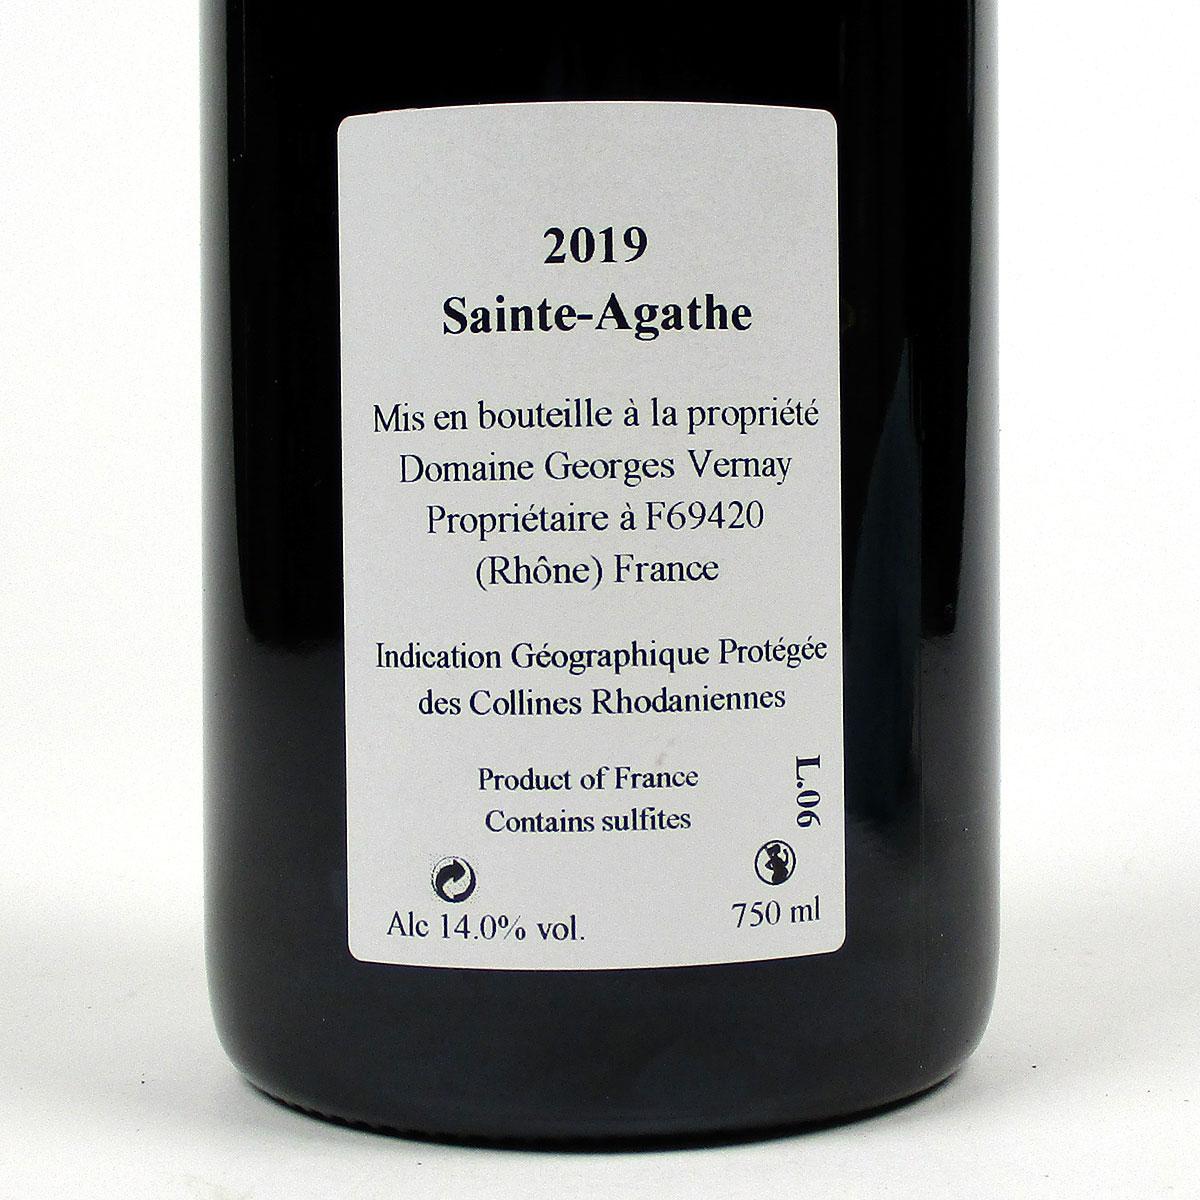 IGP Collines Rhodaniennes: Domaine Georges Vernay 'Sainte-Agathe' 2019 - Bottle Rear Label